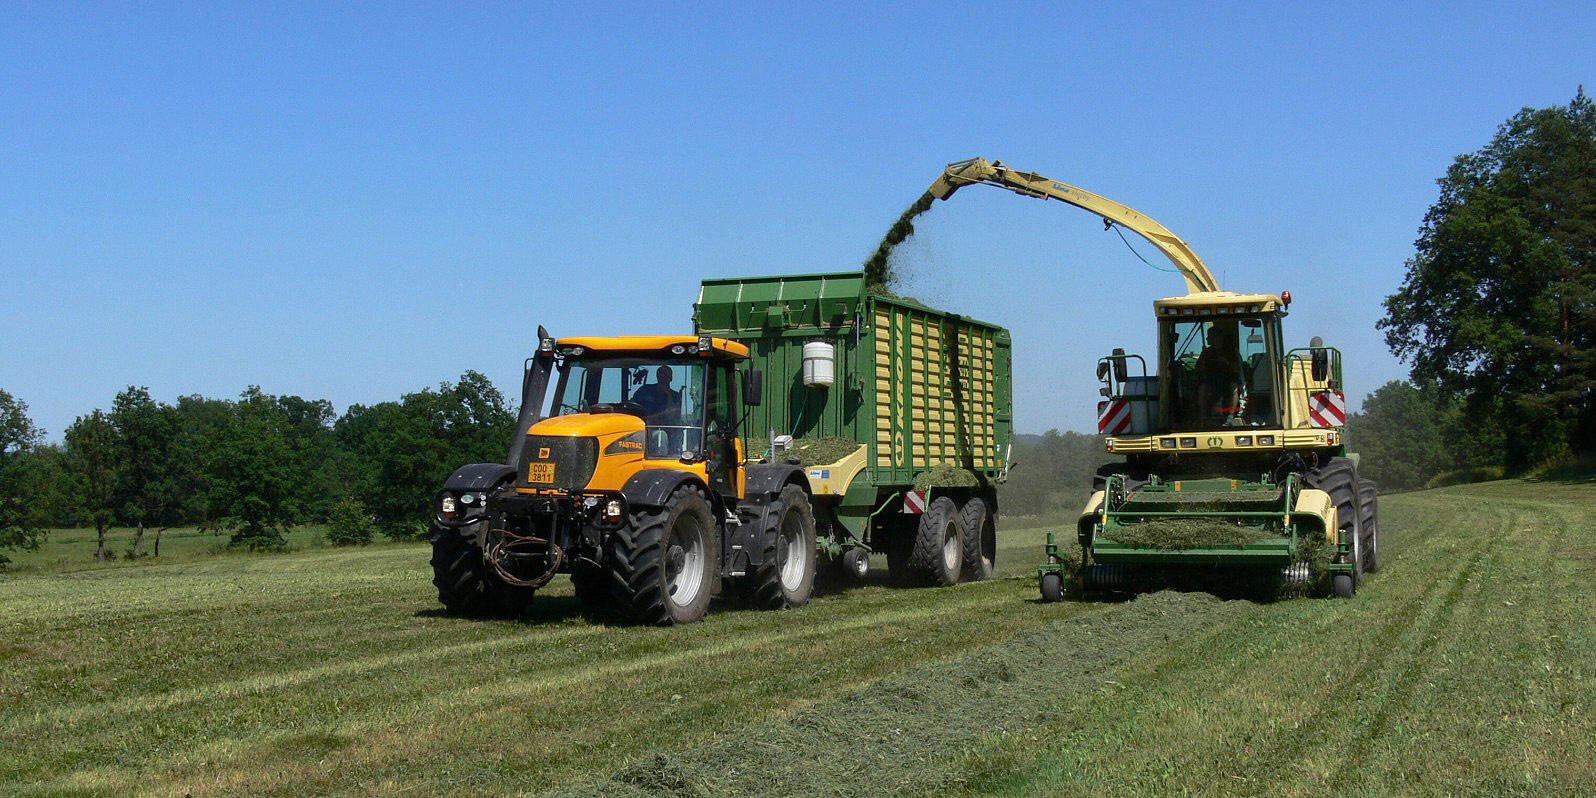 بخش کشاورزی در اقتصاد کشور پیشرو است